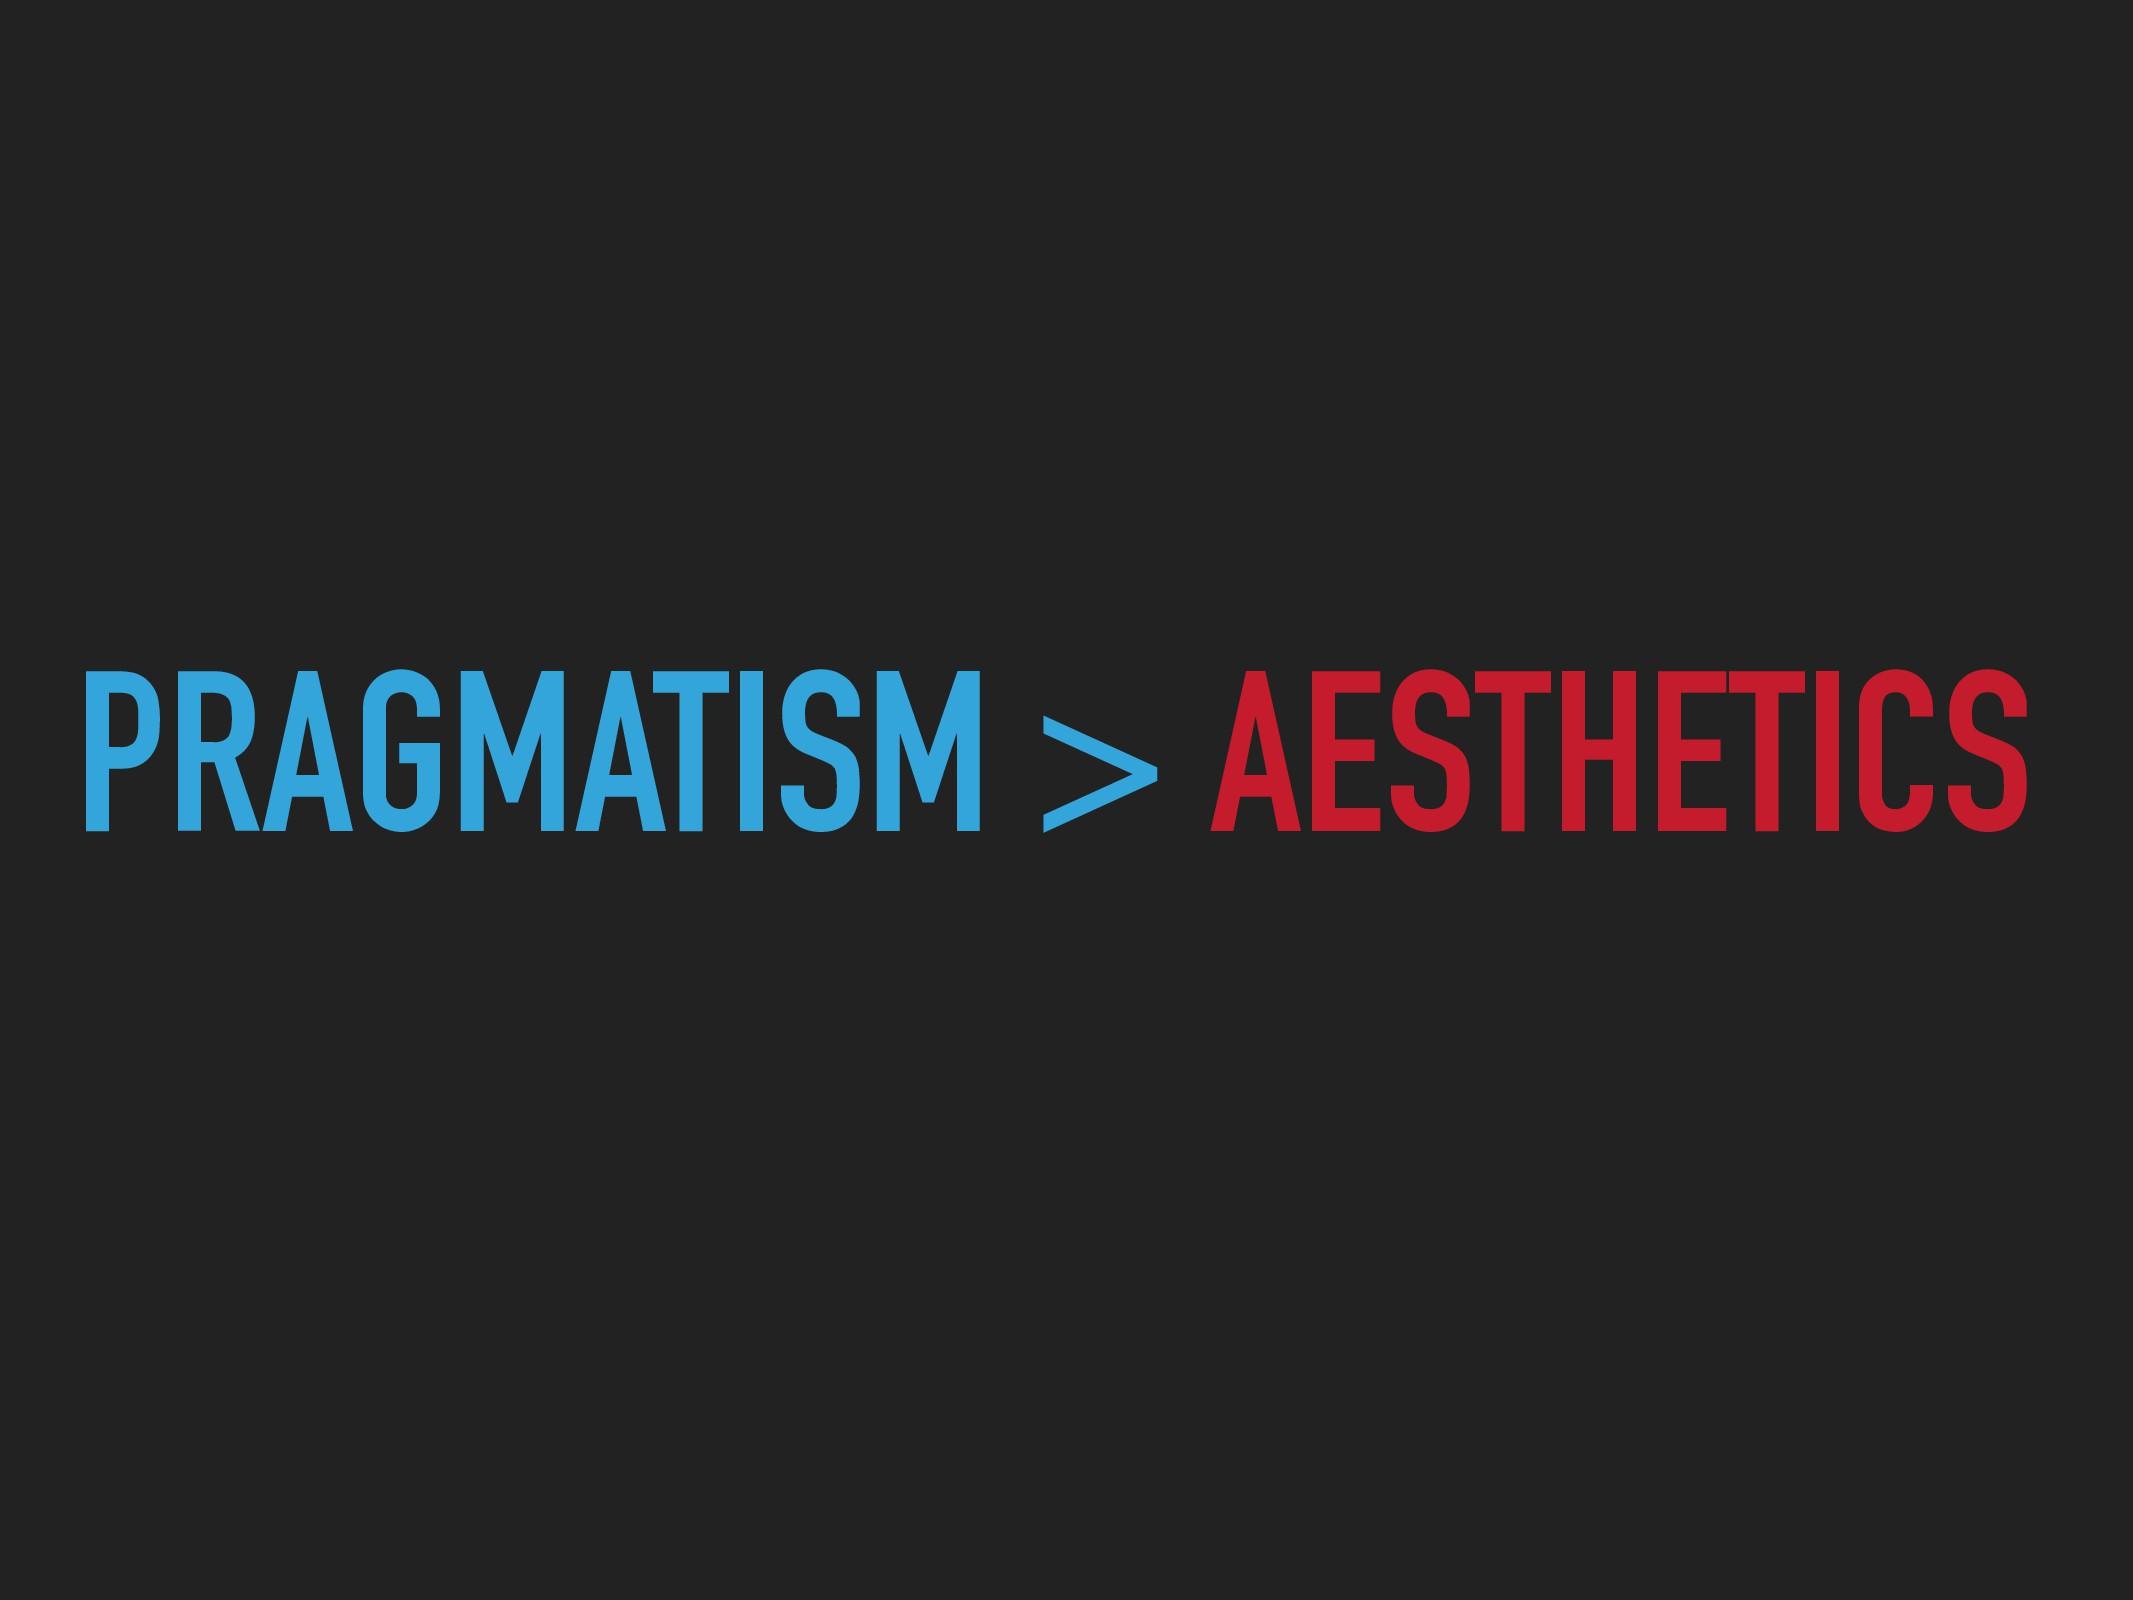 PRAGMATISM > AESTHETICS